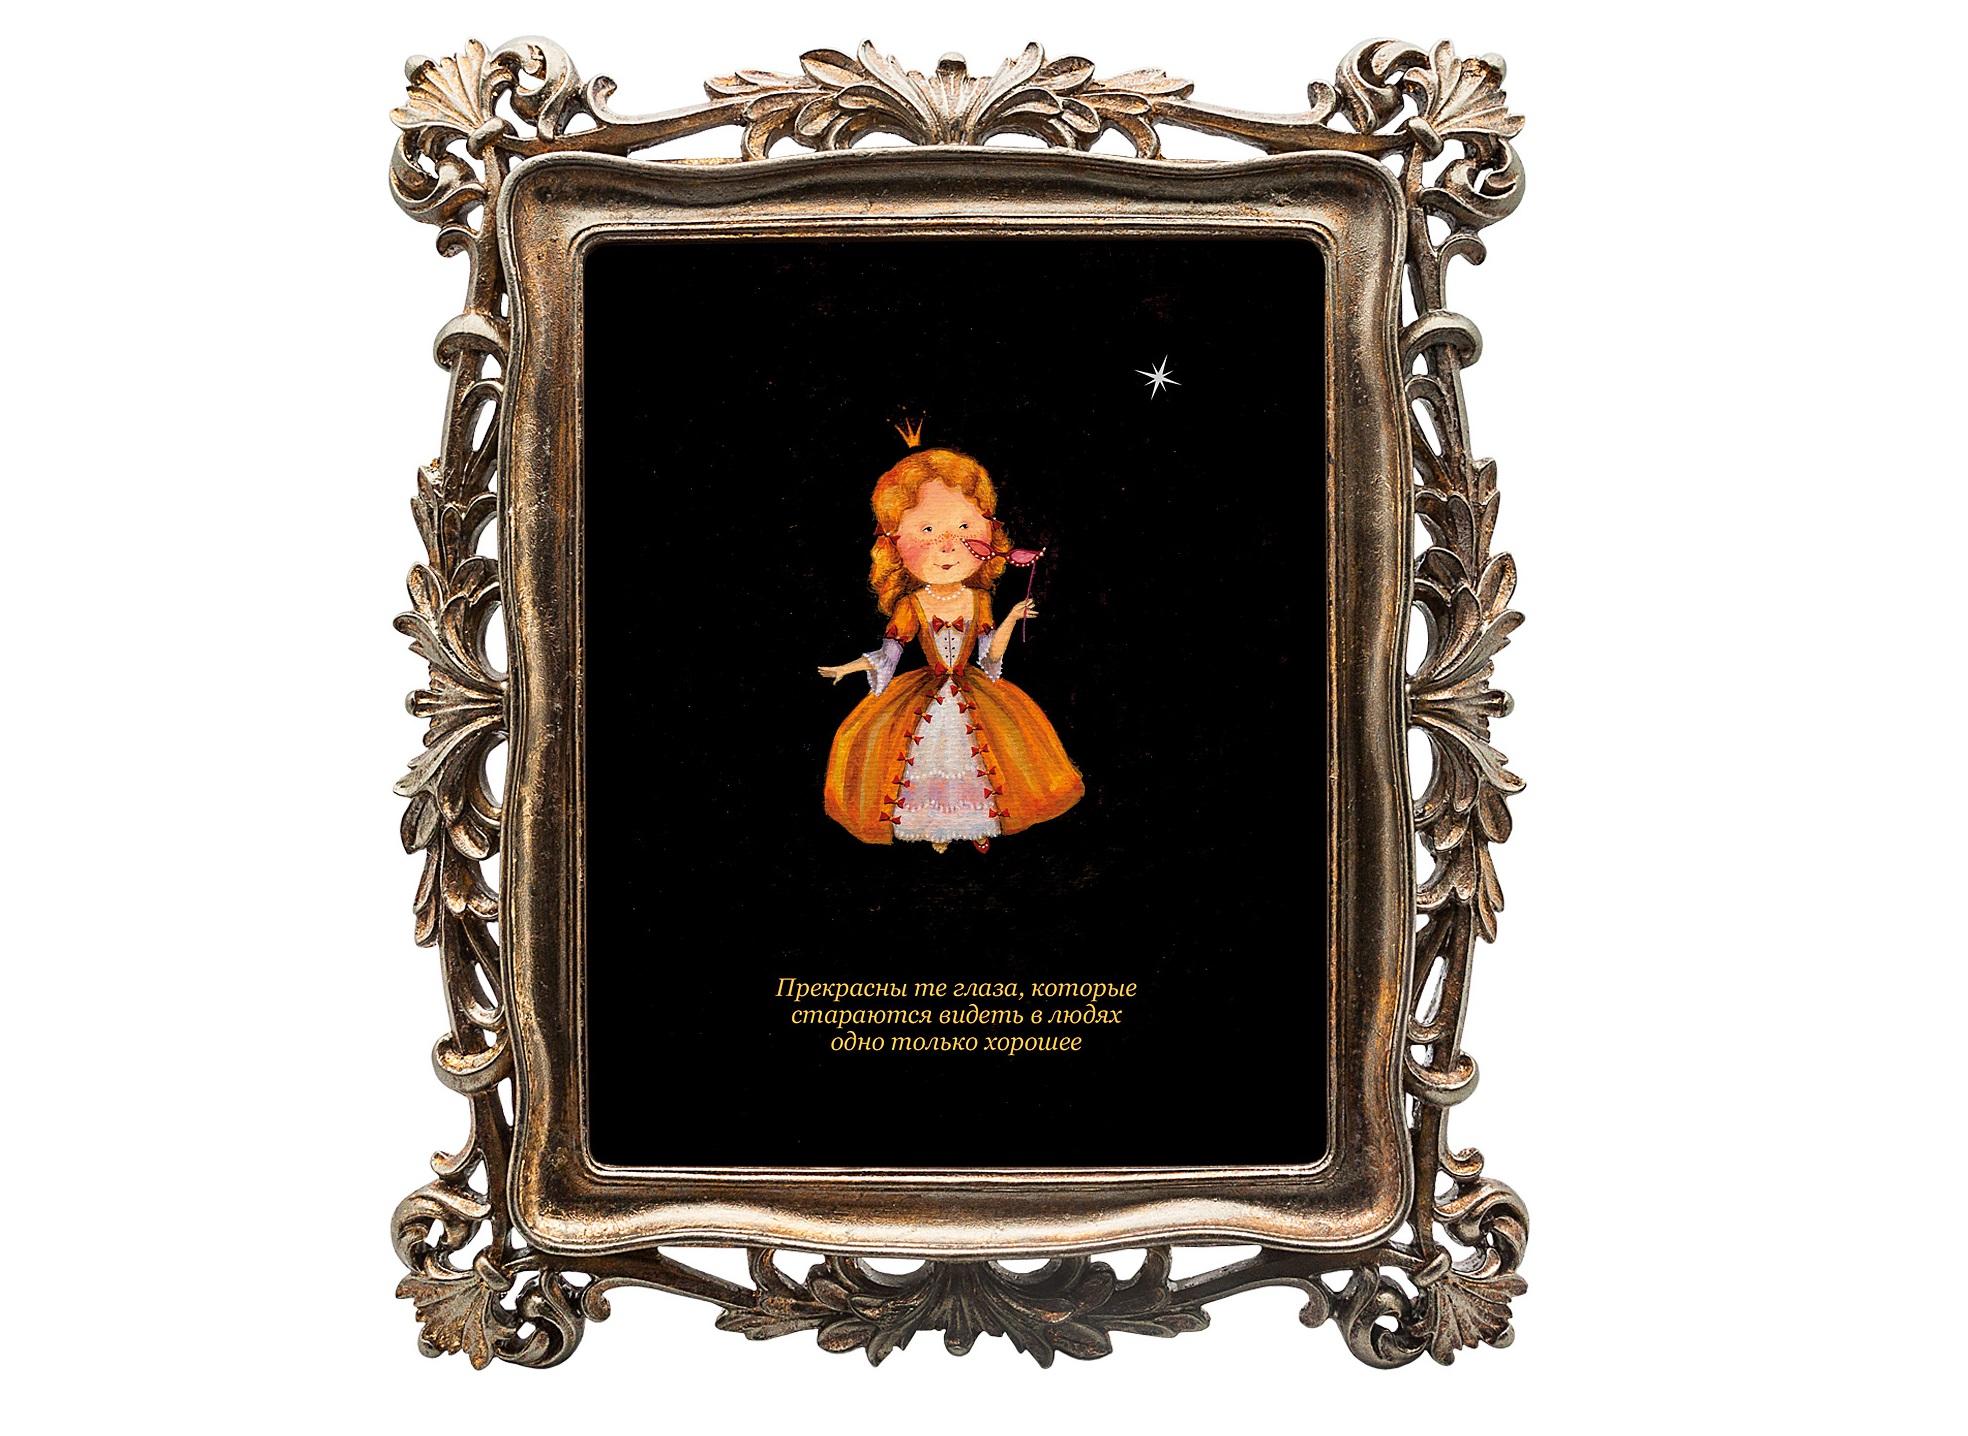 Картина 12 рецептов счастья (Дева)Картины<br>Картина из коллекции «12 рецептов счастья» «Прекрасны те глаза, которые стараются видеть в людях одно только хорошее» олицетворяет собой знак зодиака Дева, преподнося нам уникальное пожелание.  Картину можно повесить на стену, либо поставить, например, на стол или камин. Защитный стеклянный слой  гарантирует долгую жизнь прекрасному изображению. Рама изготовлена из полистоуна. Искусная техника состаривания придает раме особую теплоту и винтажность.<br><br>&amp;lt;div&amp;gt;&amp;lt;br&amp;gt;&amp;lt;/div&amp;gt;&amp;lt;div&amp;gt;Материал: полистоун, стекло, дизайнерская бумага.&amp;lt;br&amp;gt;&amp;lt;/div&amp;gt;<br><br>Material: Полистоун<br>Width см: 29.7<br>Depth см: 2.2<br>Height см: 34.7